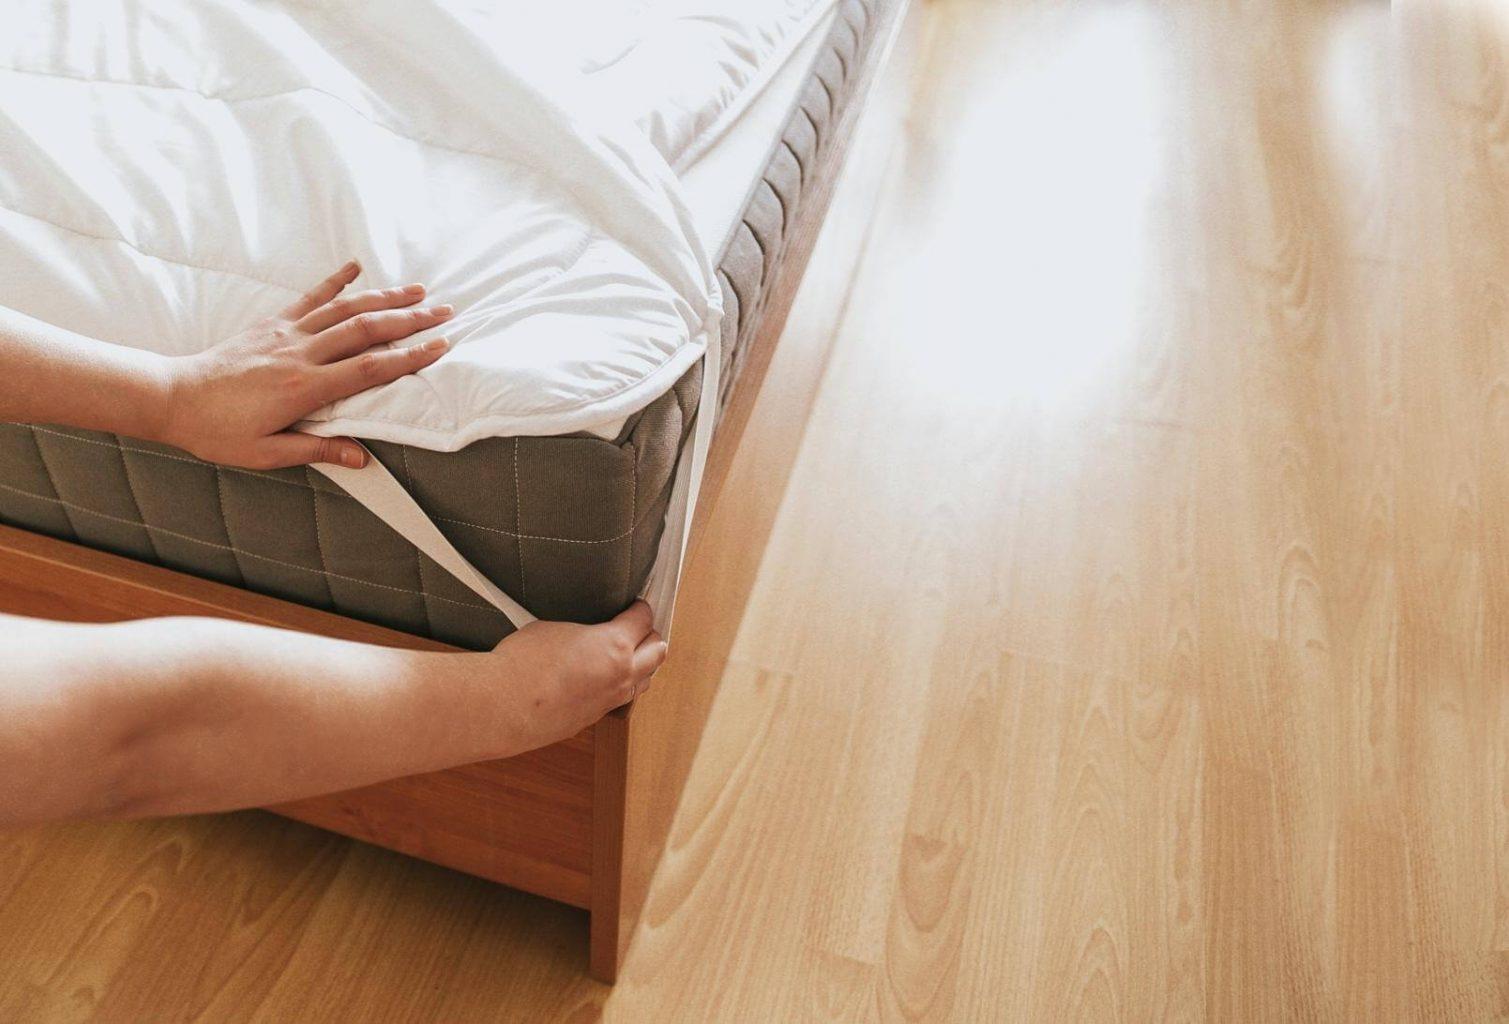 不建議乳膠床墊清洗,可用保潔墊